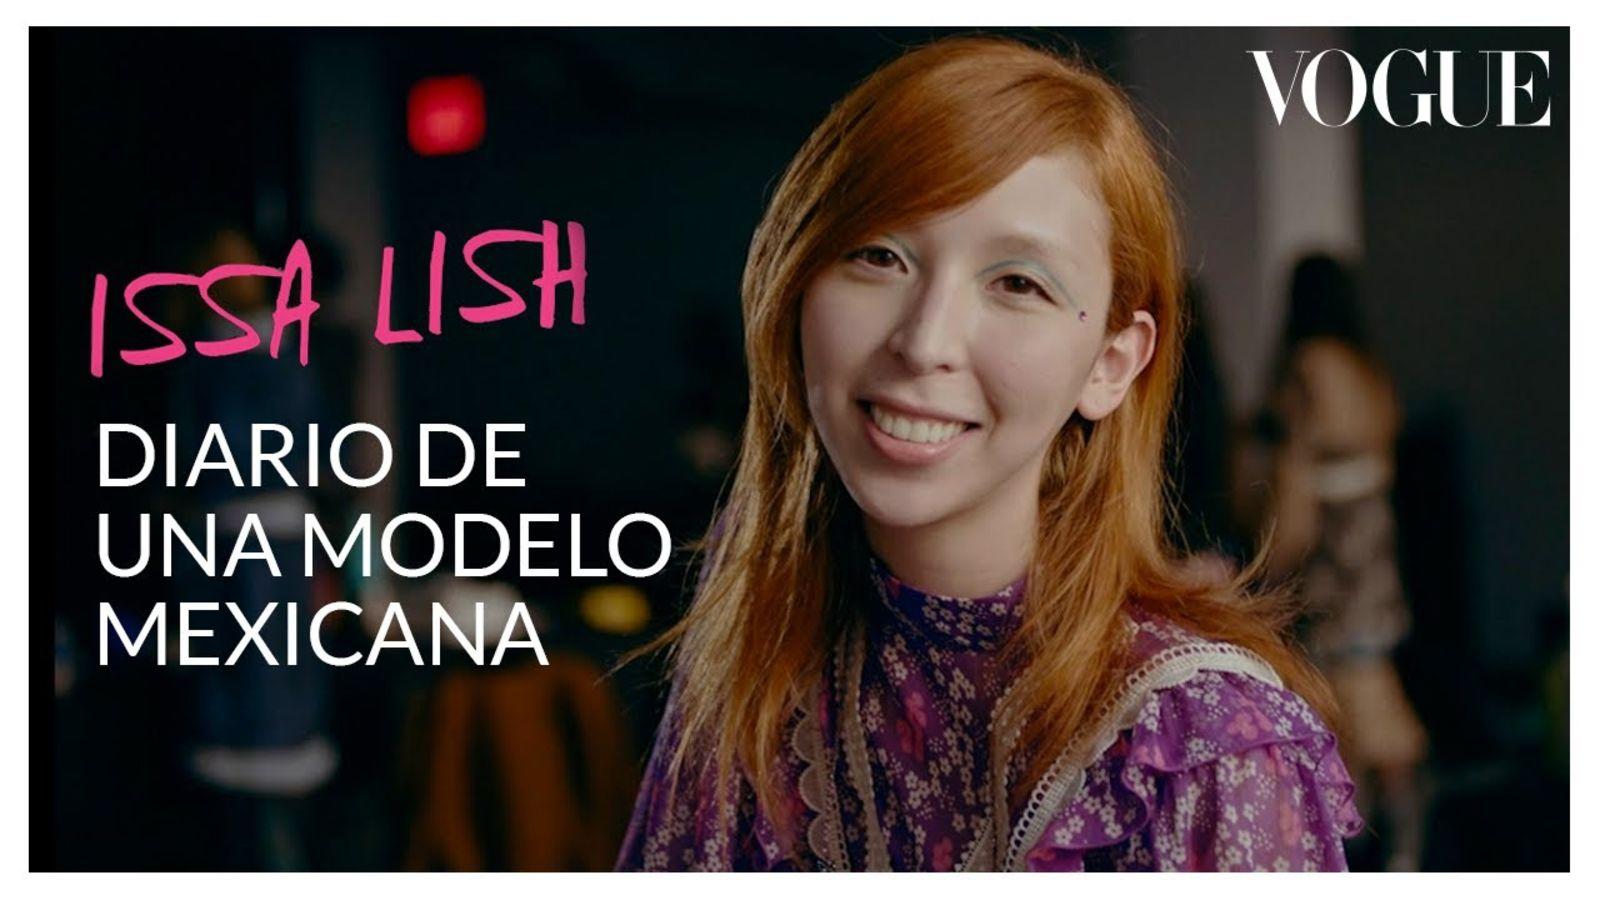 Issa Lish en el diario de una modelo: enseña su preparación para pasarela